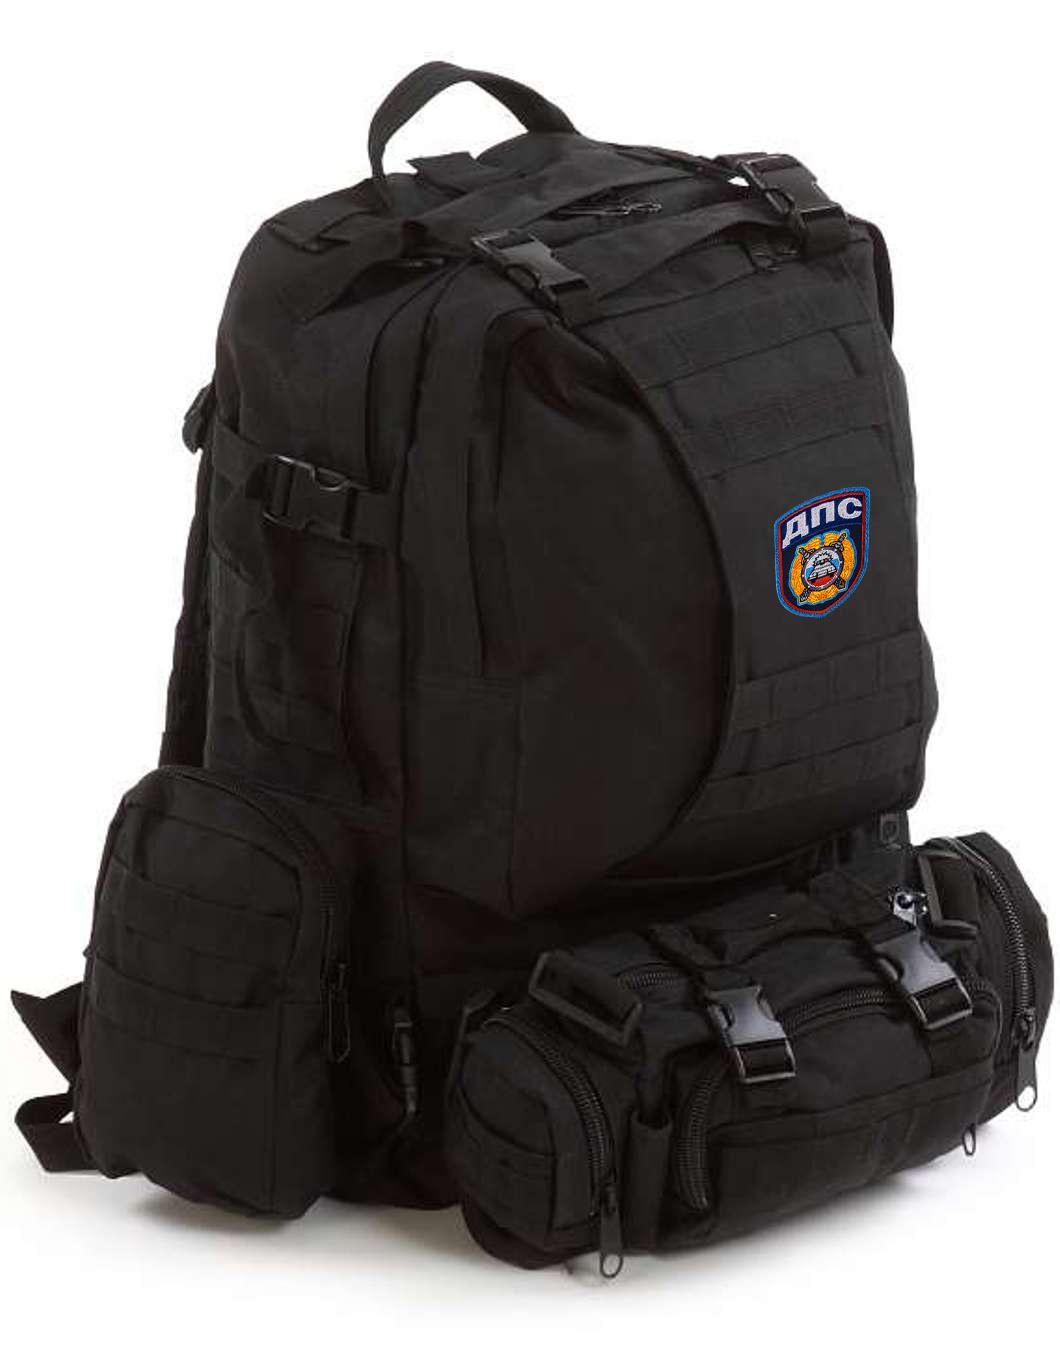 Модульный надежный рюкзак с нашивкой ДПС